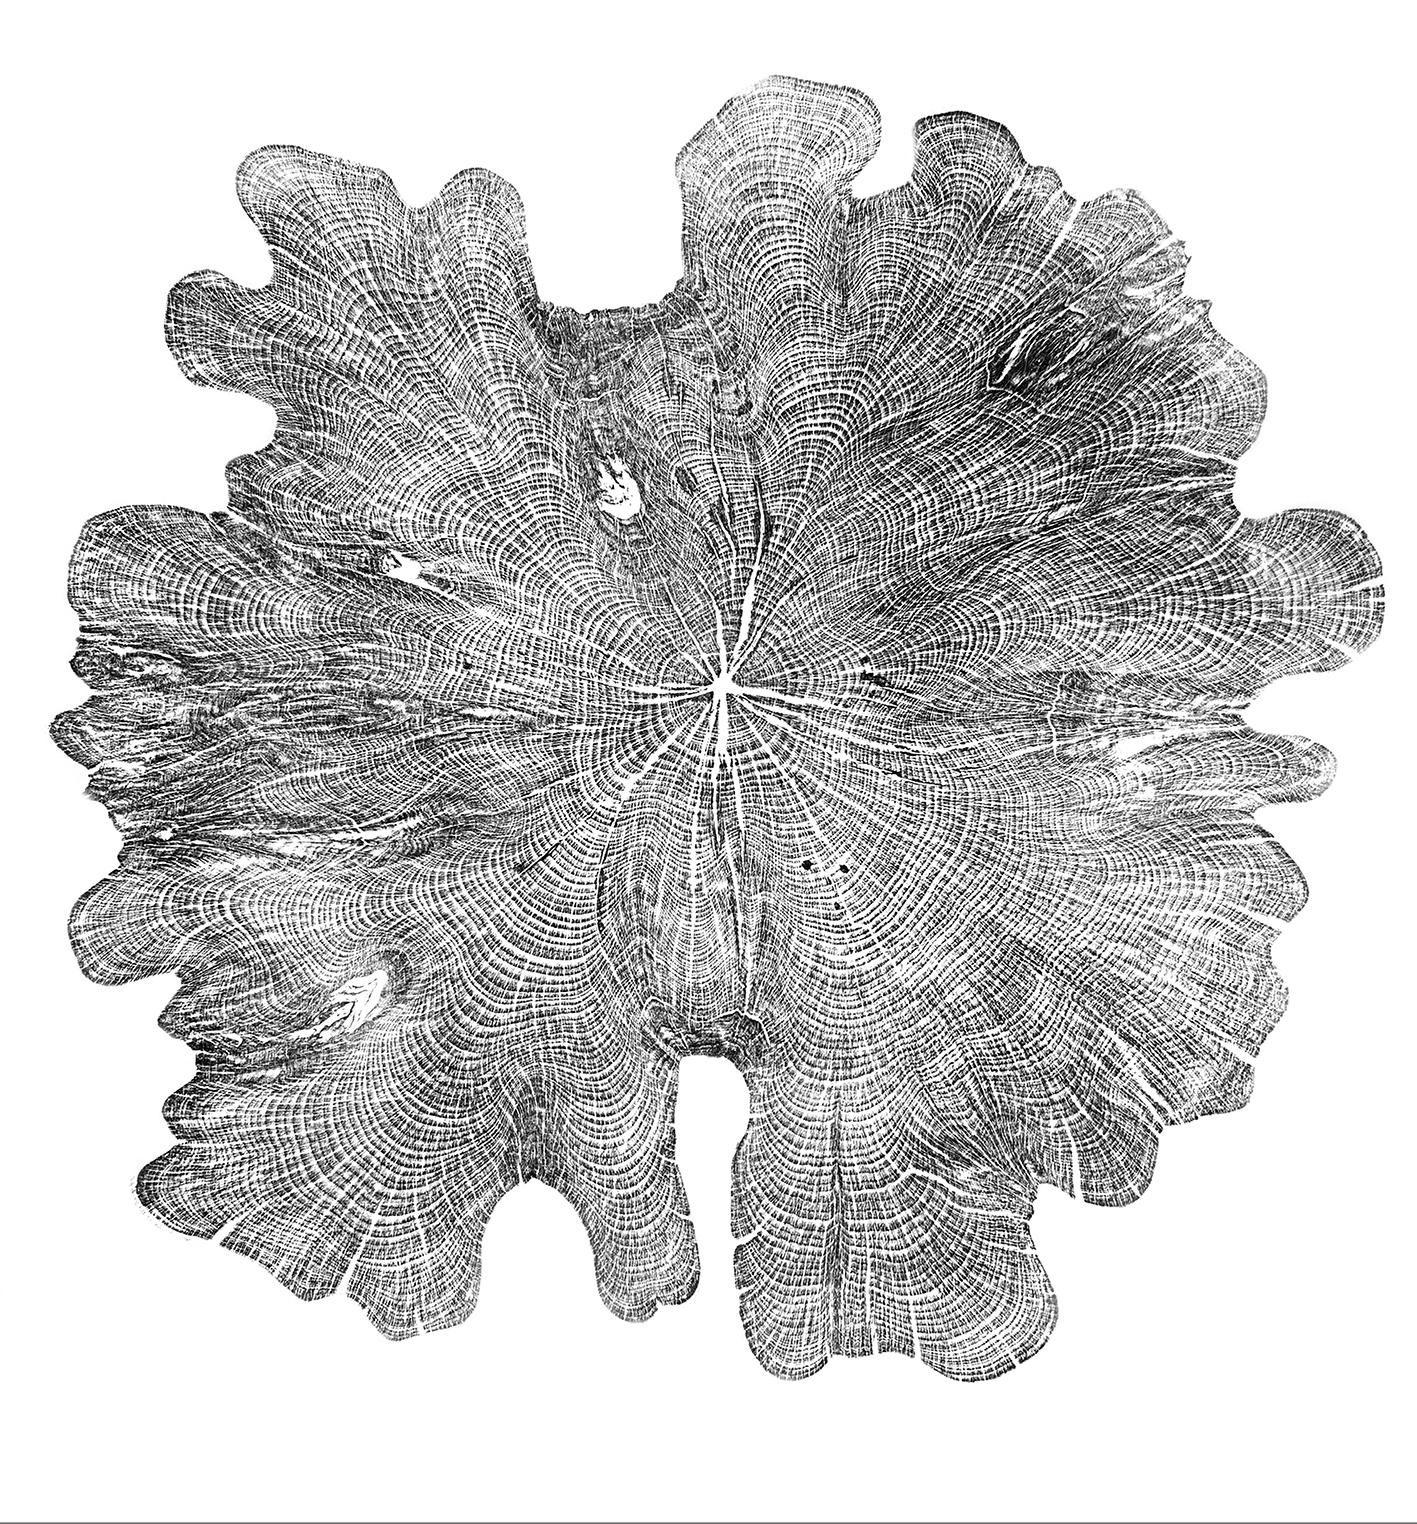 Yew round aged 1913-2018 © Shona Branigan